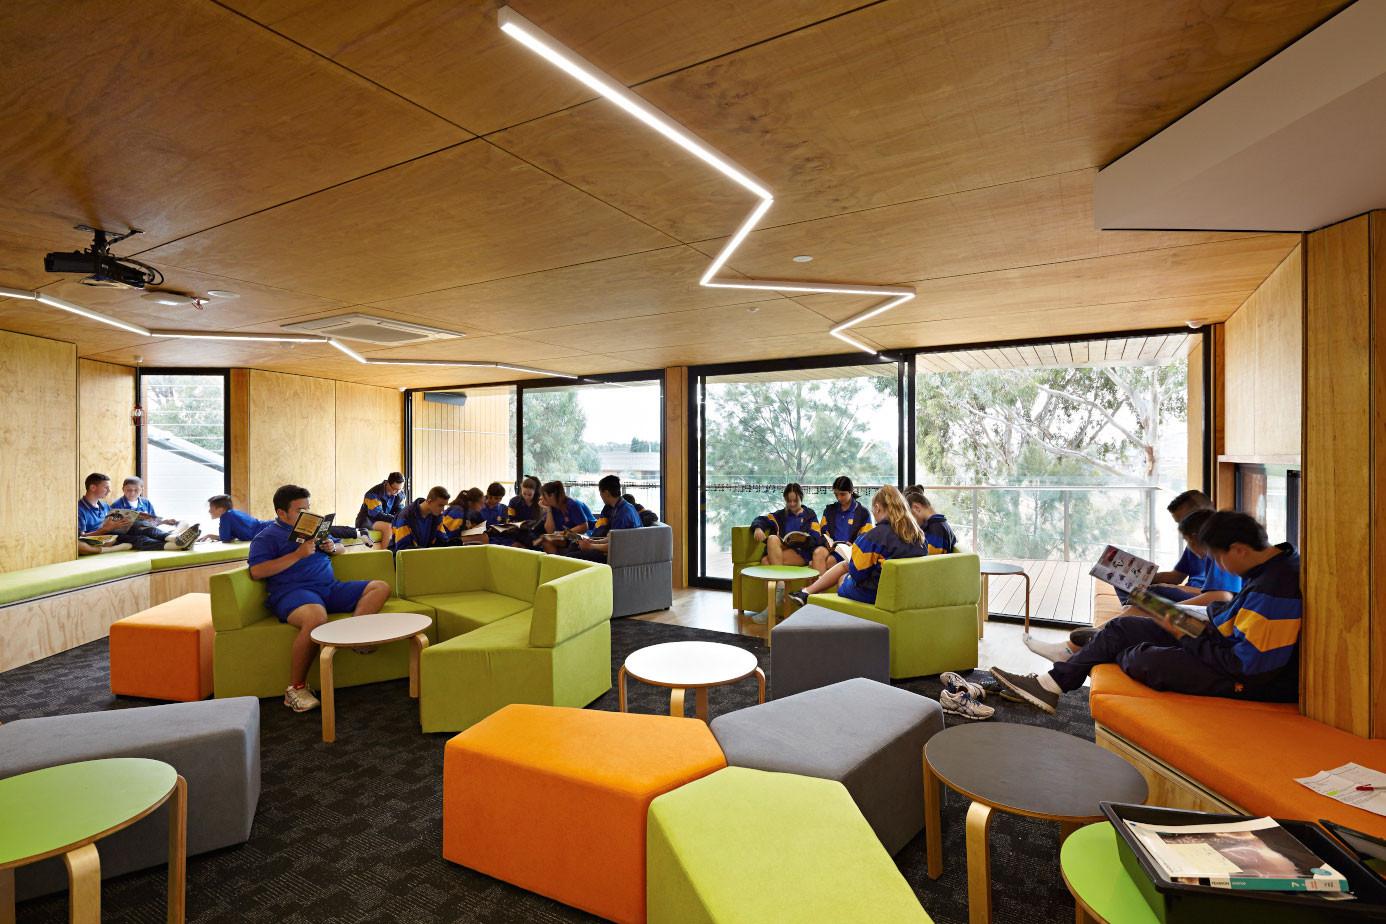 Century College Interior Design